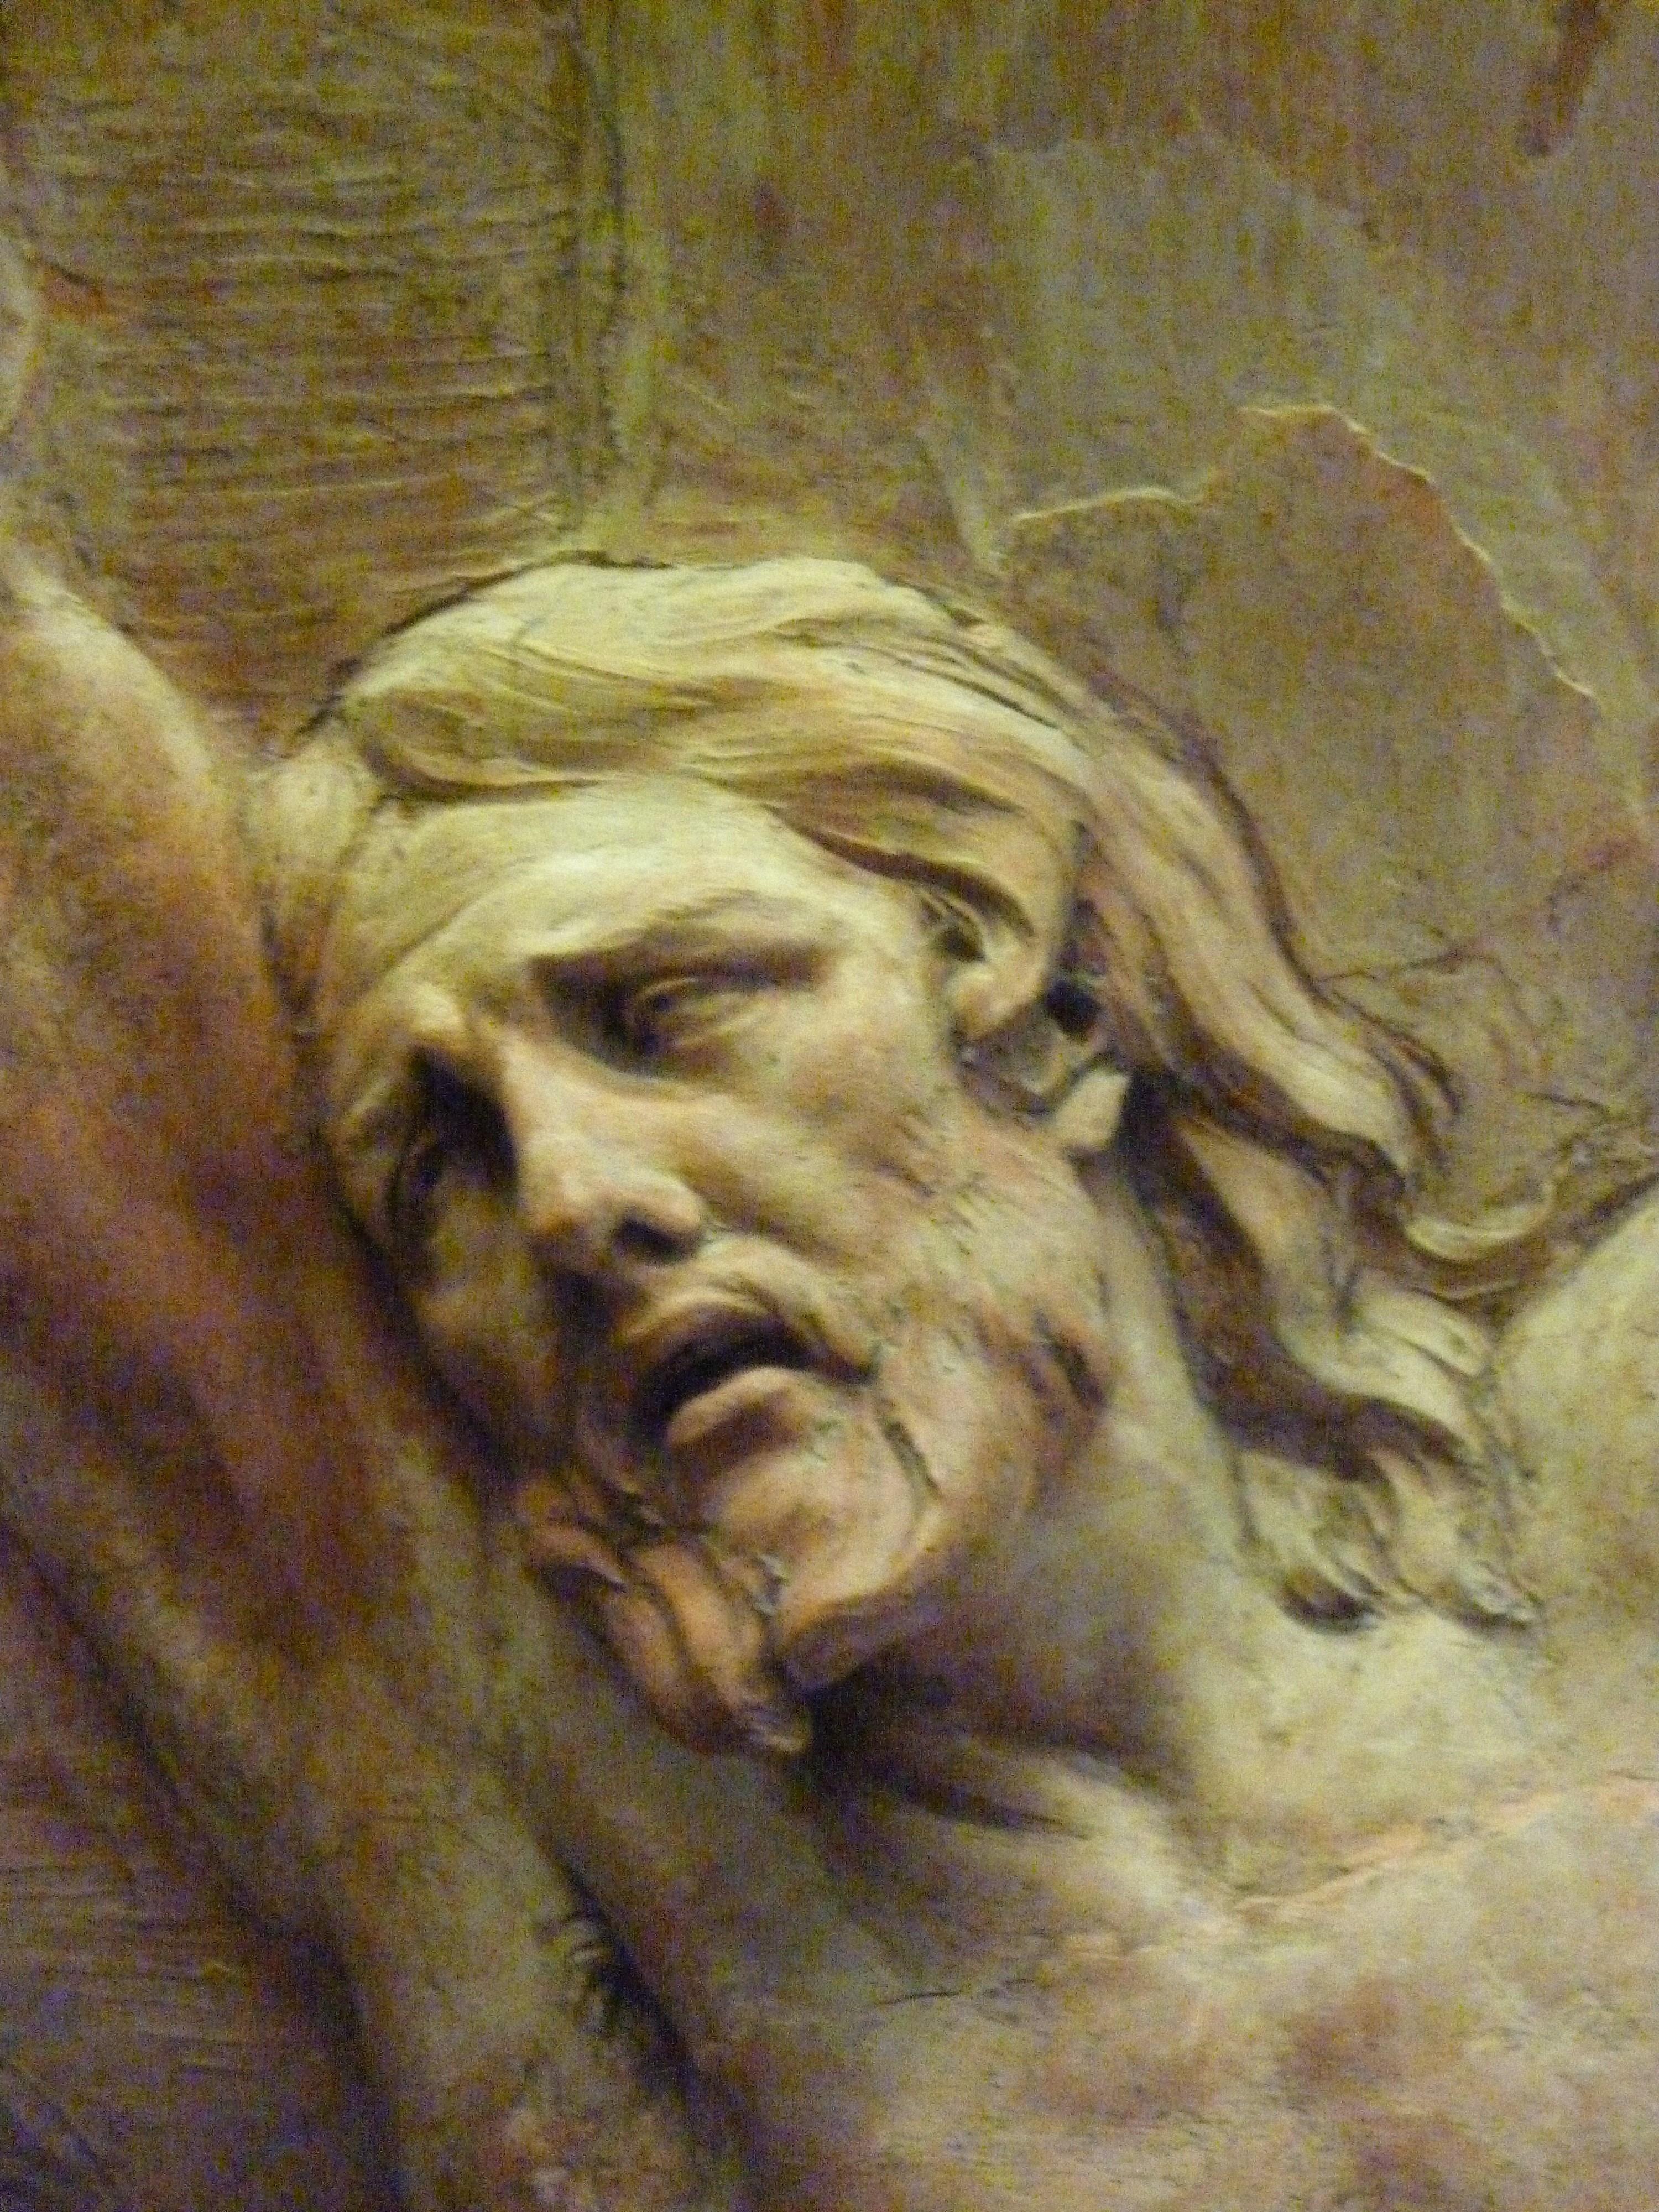 167 - christ mourant sur la croix - puget - tete